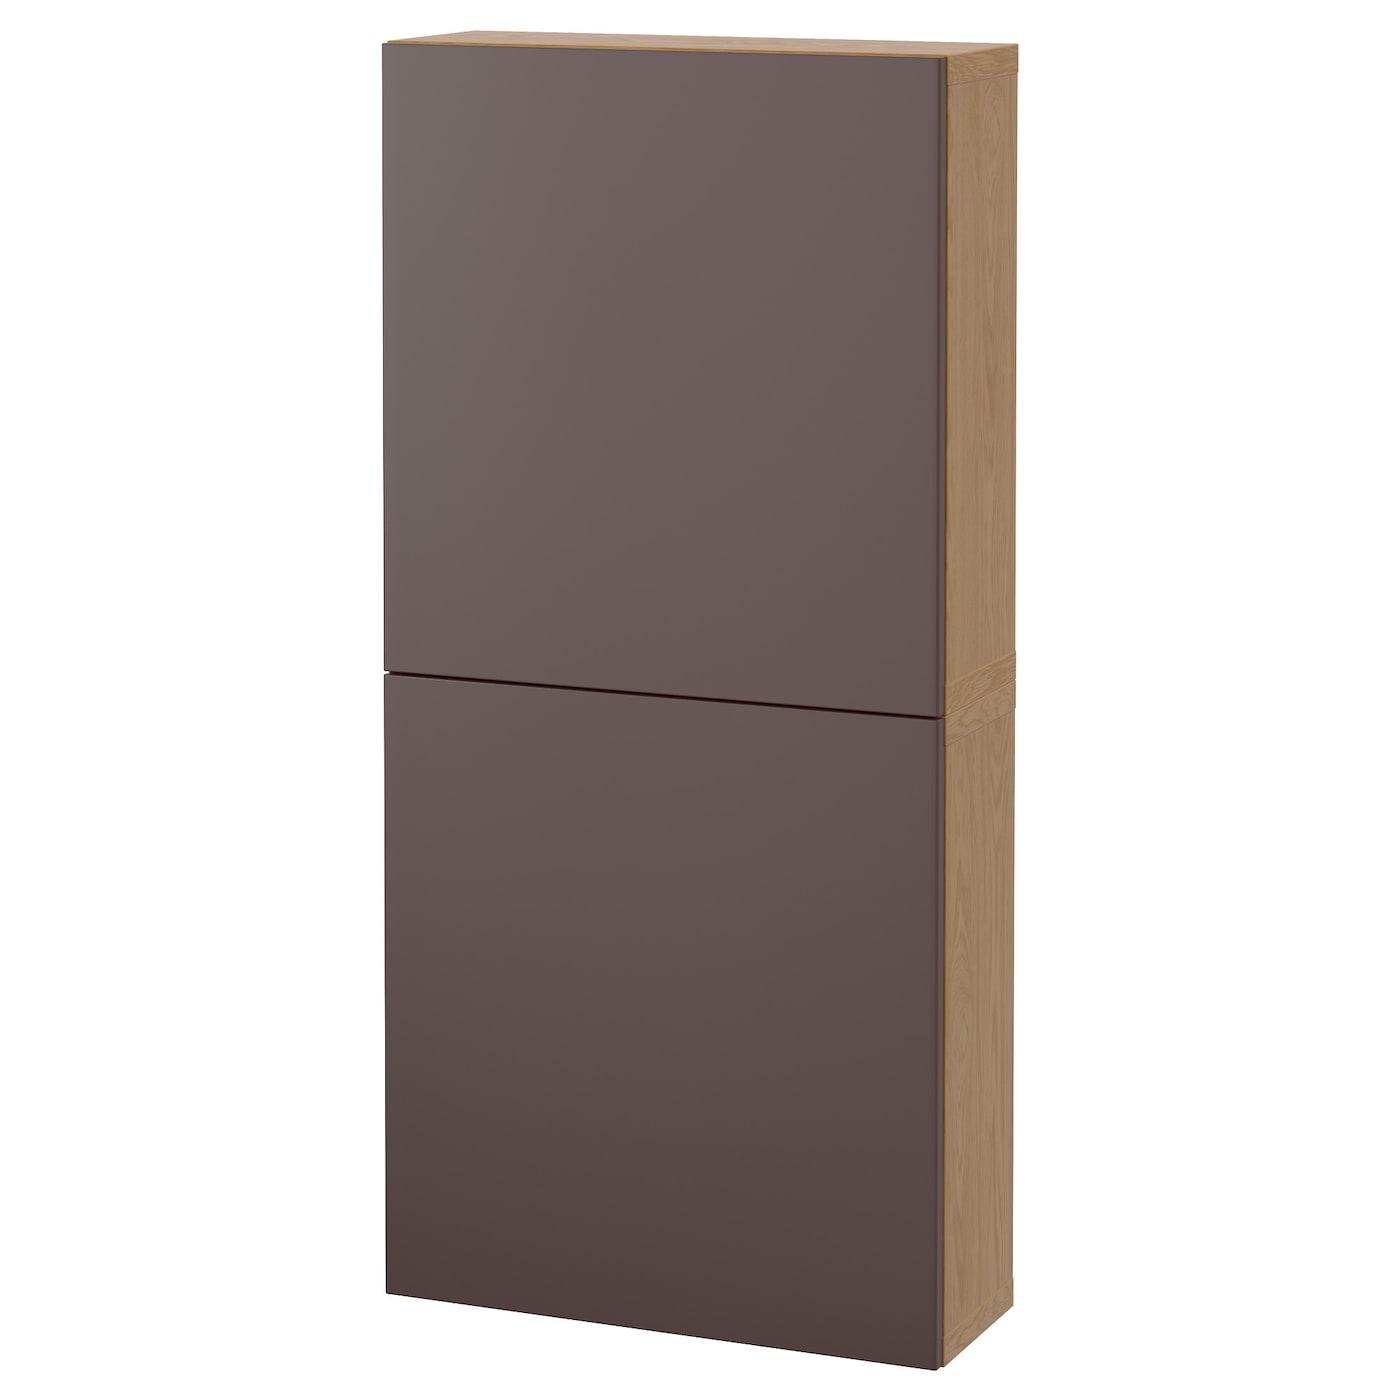 Best Wall Cabinet With 2 Doors Oak Effect Valviken Dark Brown 60x20x128 Cm Ikea